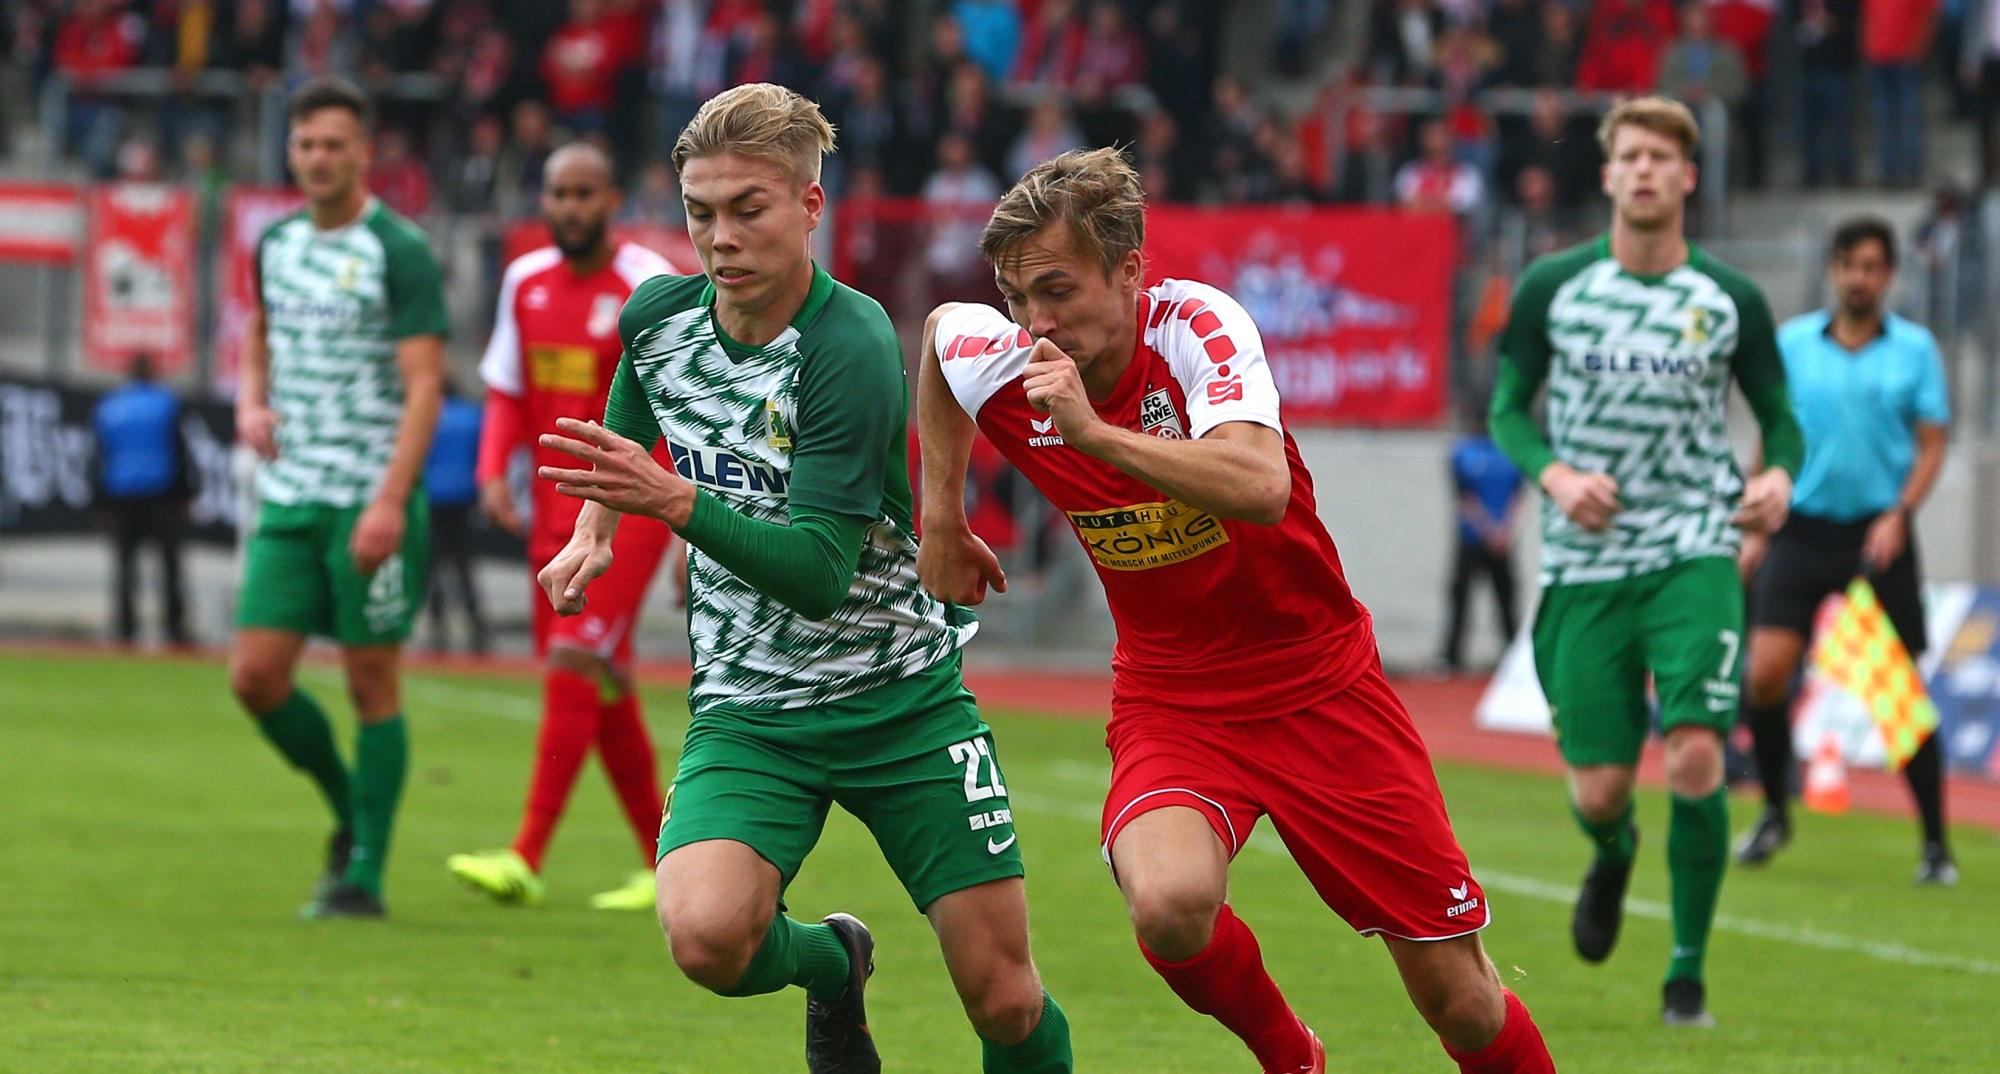 29.9.2019-FC-Rot-Weiss-Erfurt-vs.-BSG-Chemie-Leipzig-0-0_25.jpg